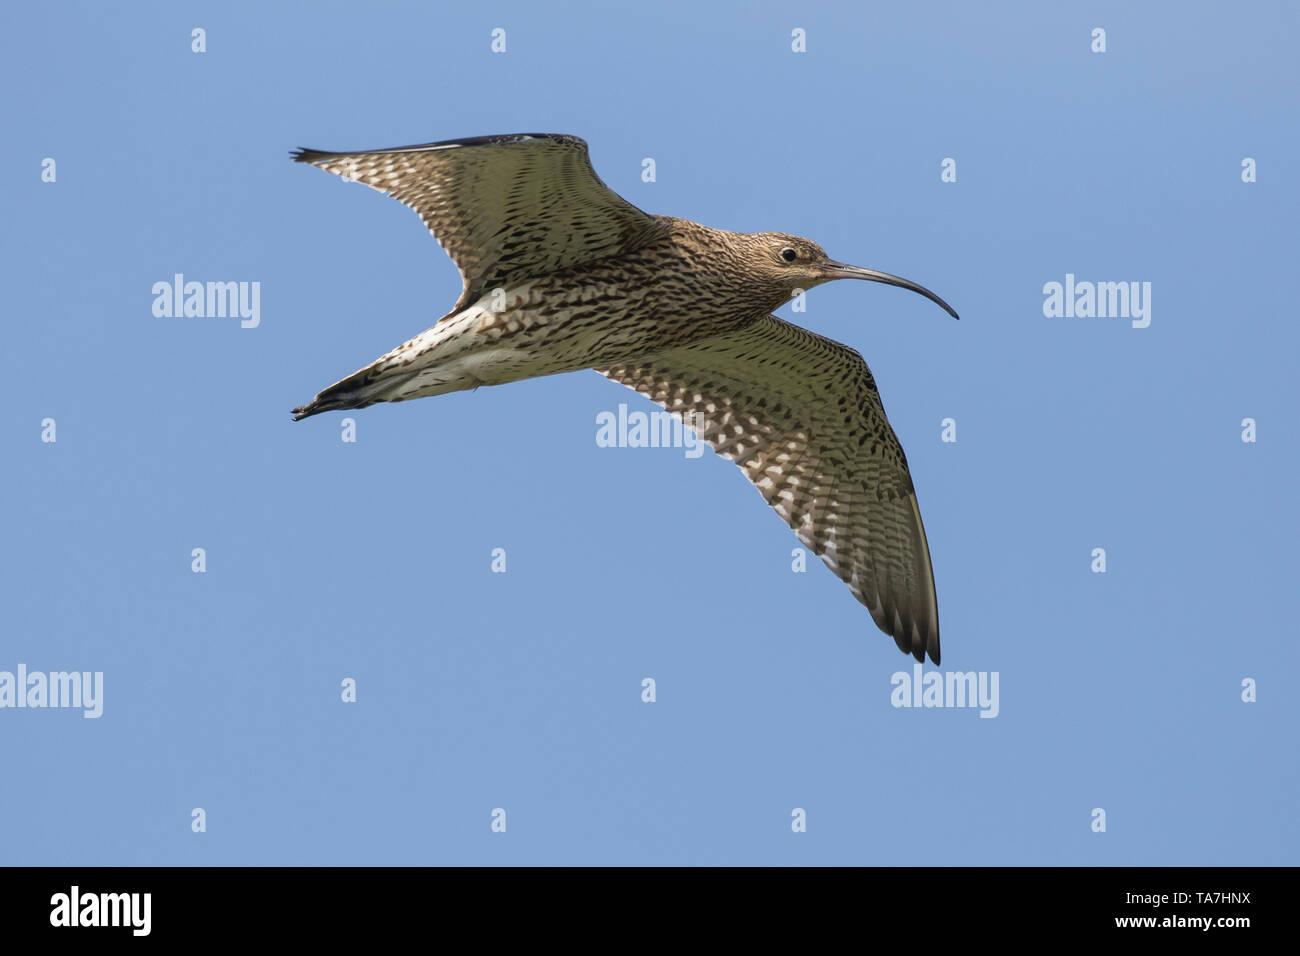 Curlew (Numenius arquata) in flight. Germany Stock Photo